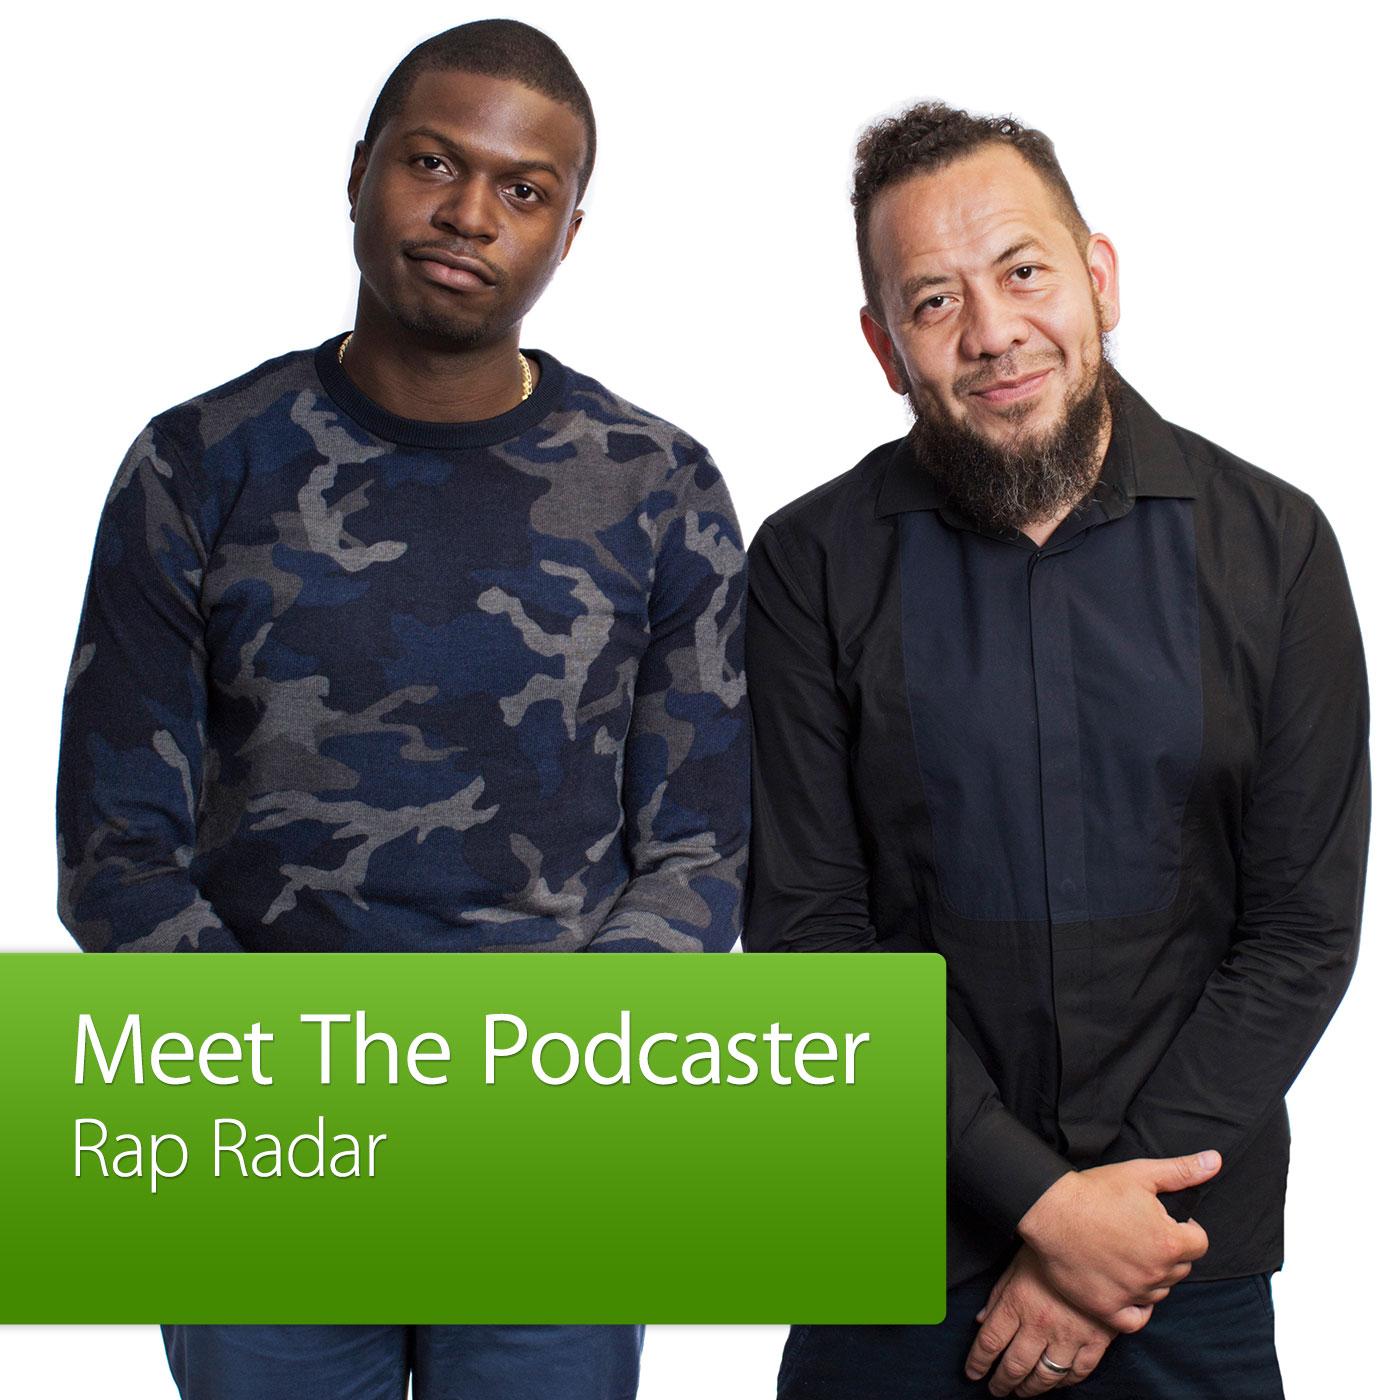 Rap Radar: Meet the Podcaster